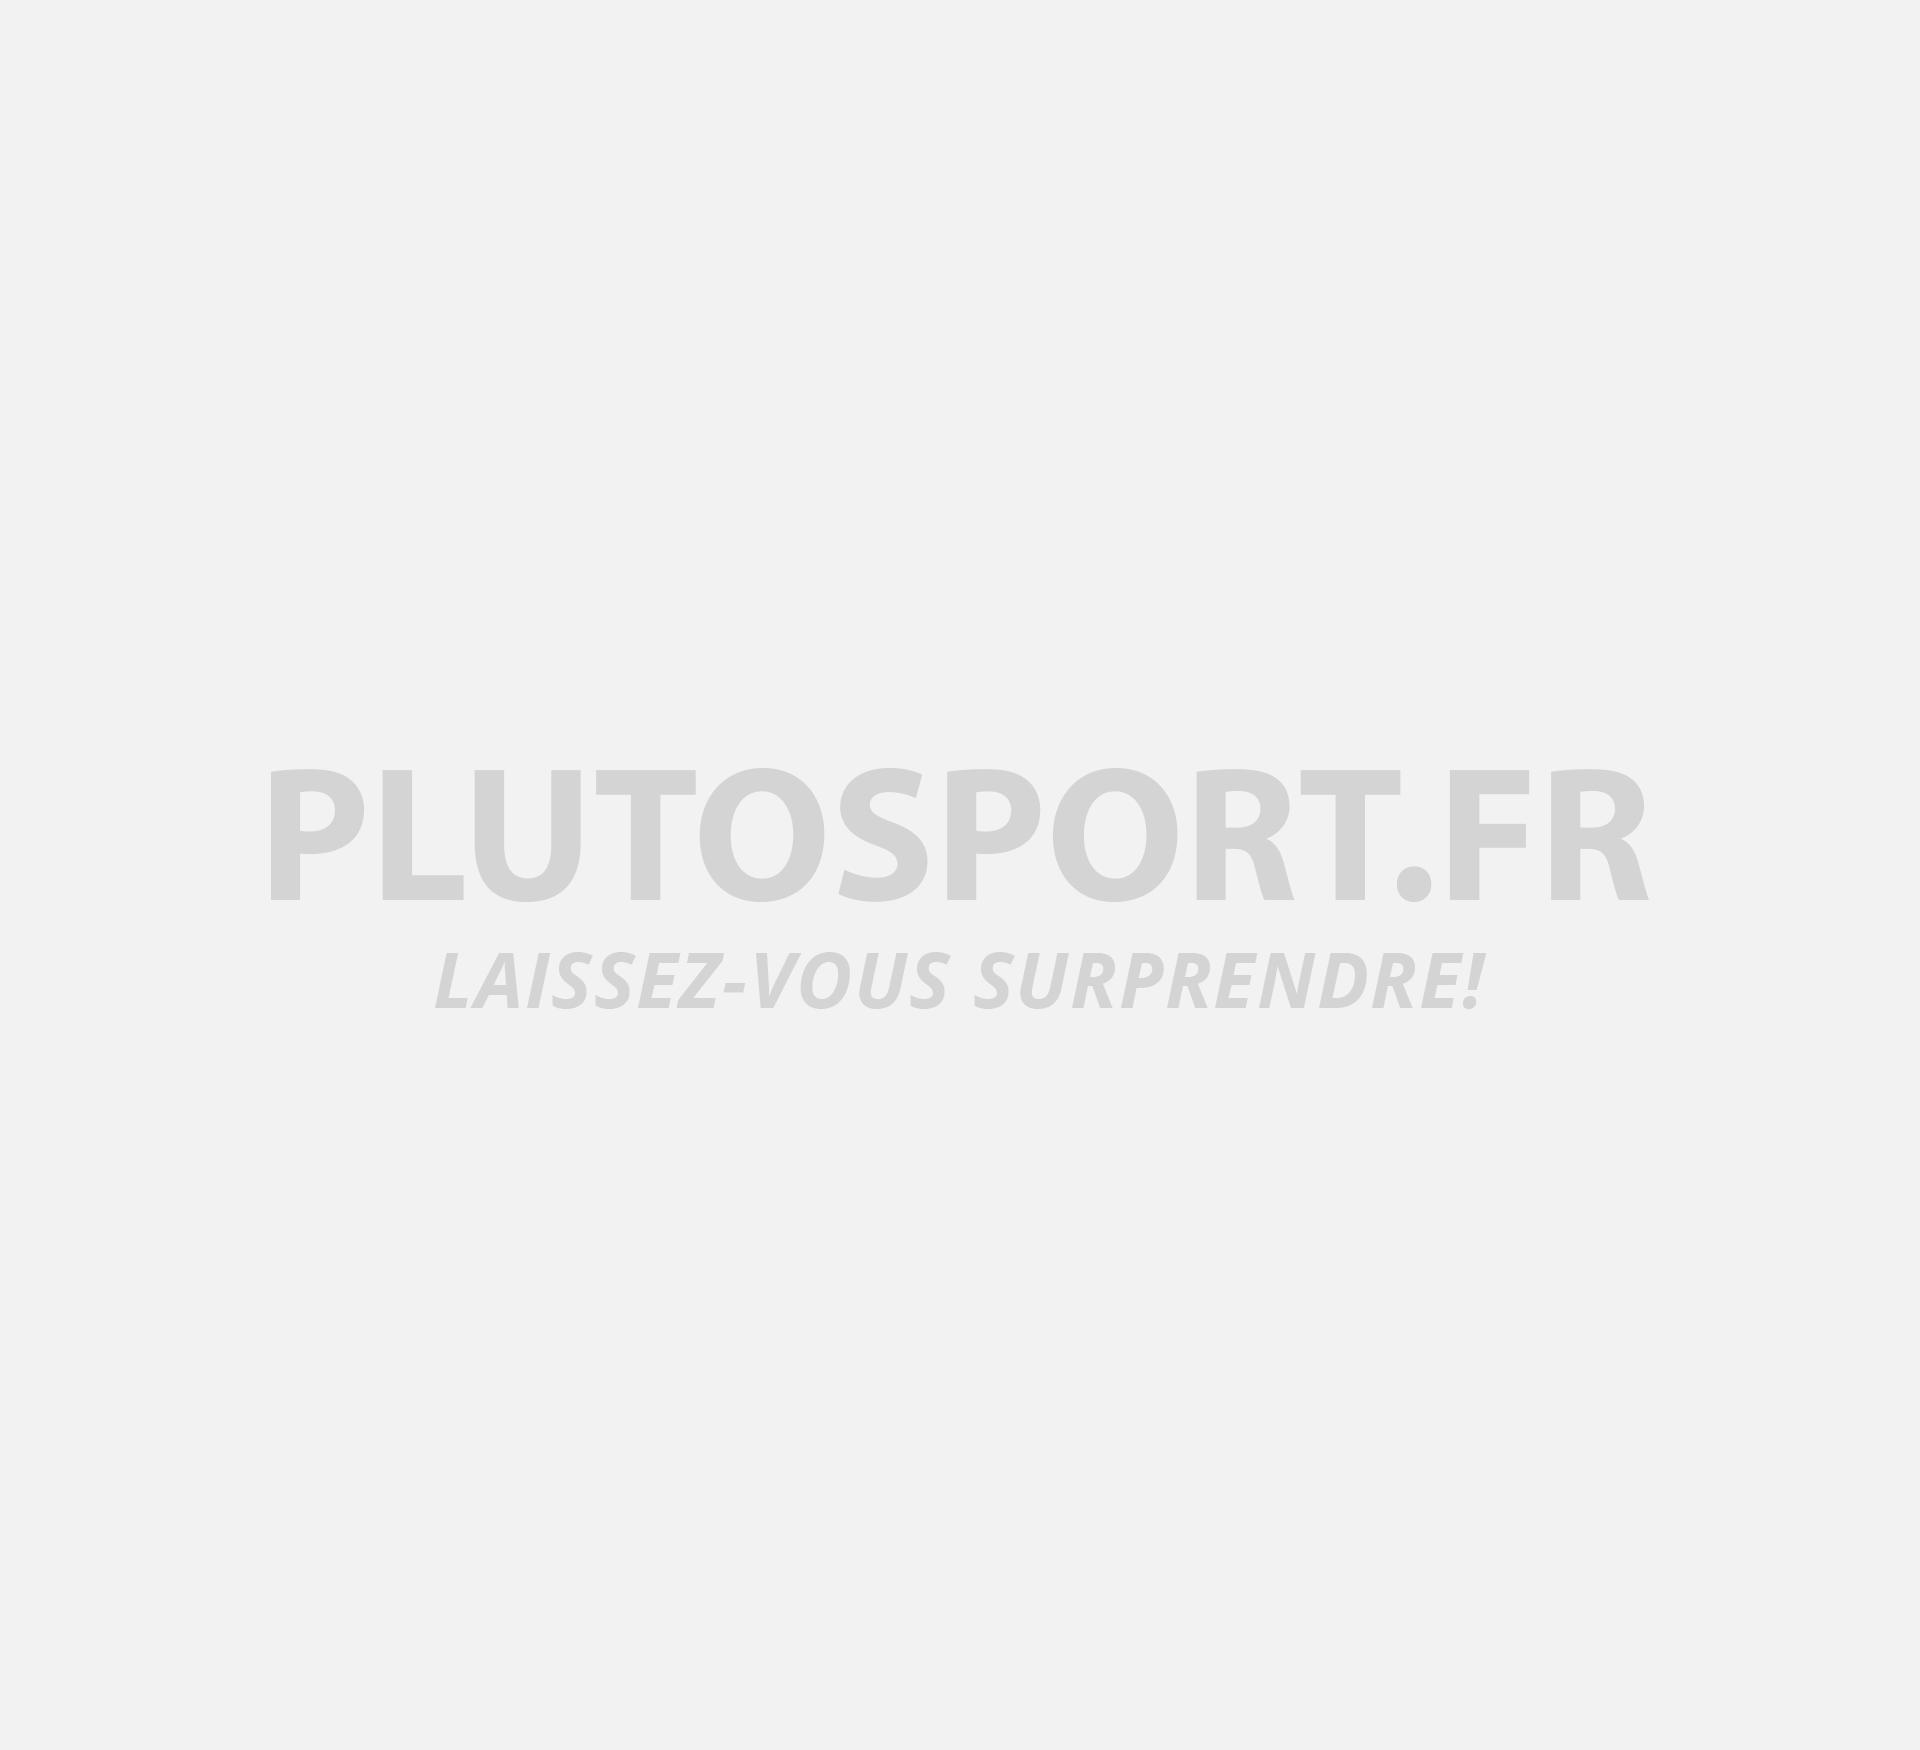 Tommy Hilfiger, veste sweat-shirt pour hommes